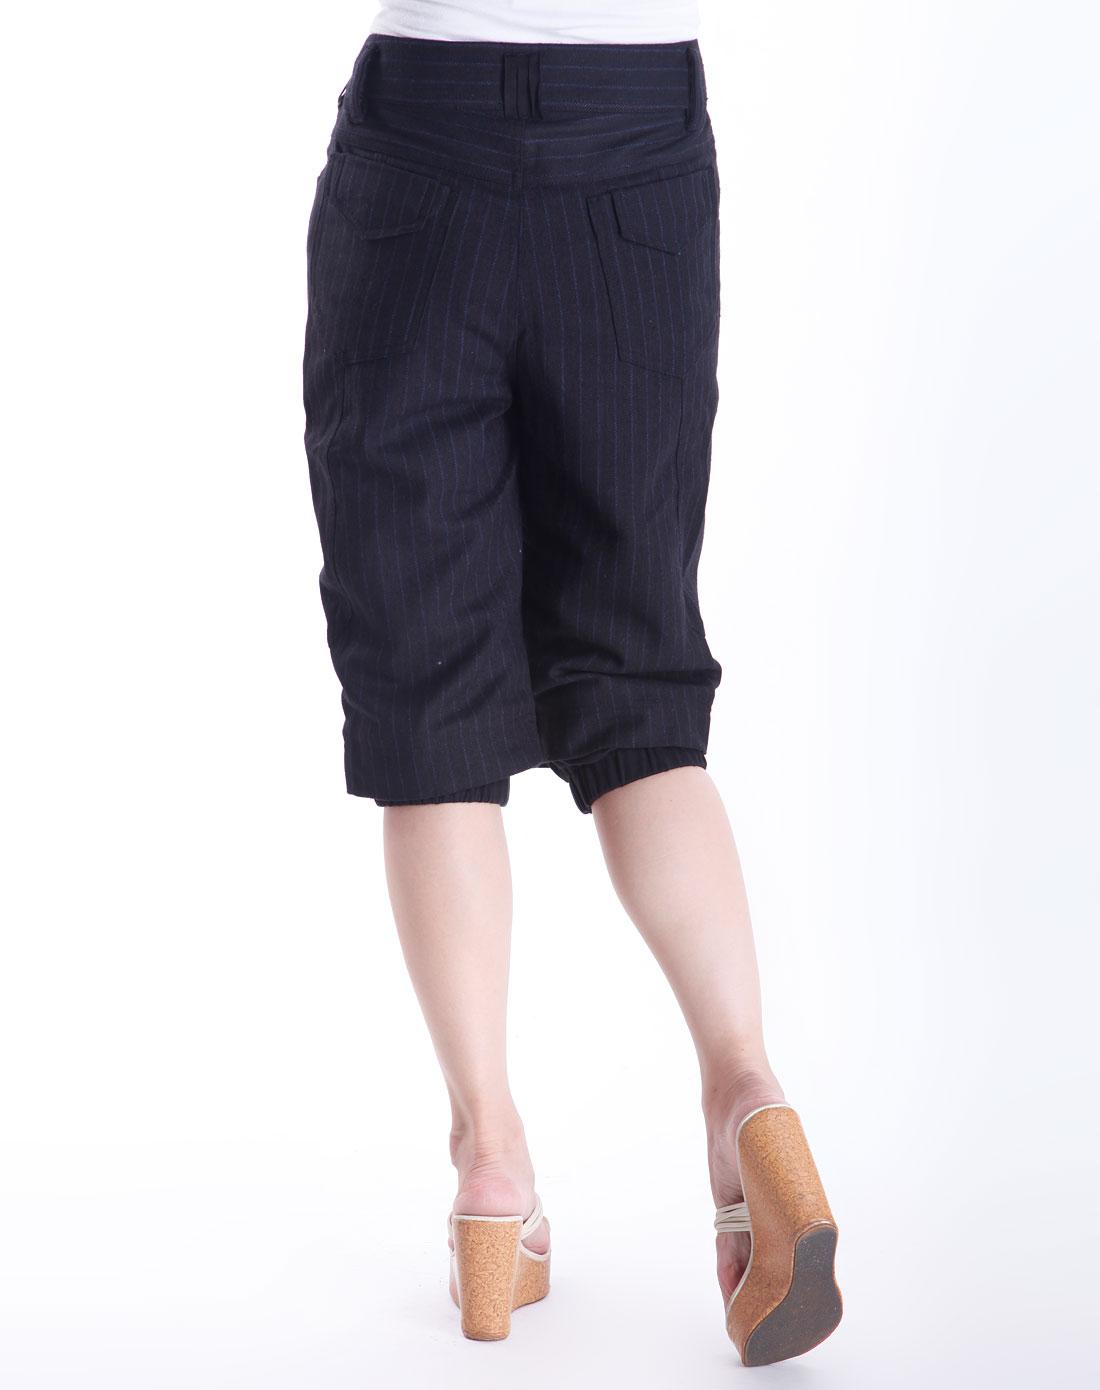 黑色条纹时尚七分裤_摩卡奴mocano官网特价3折